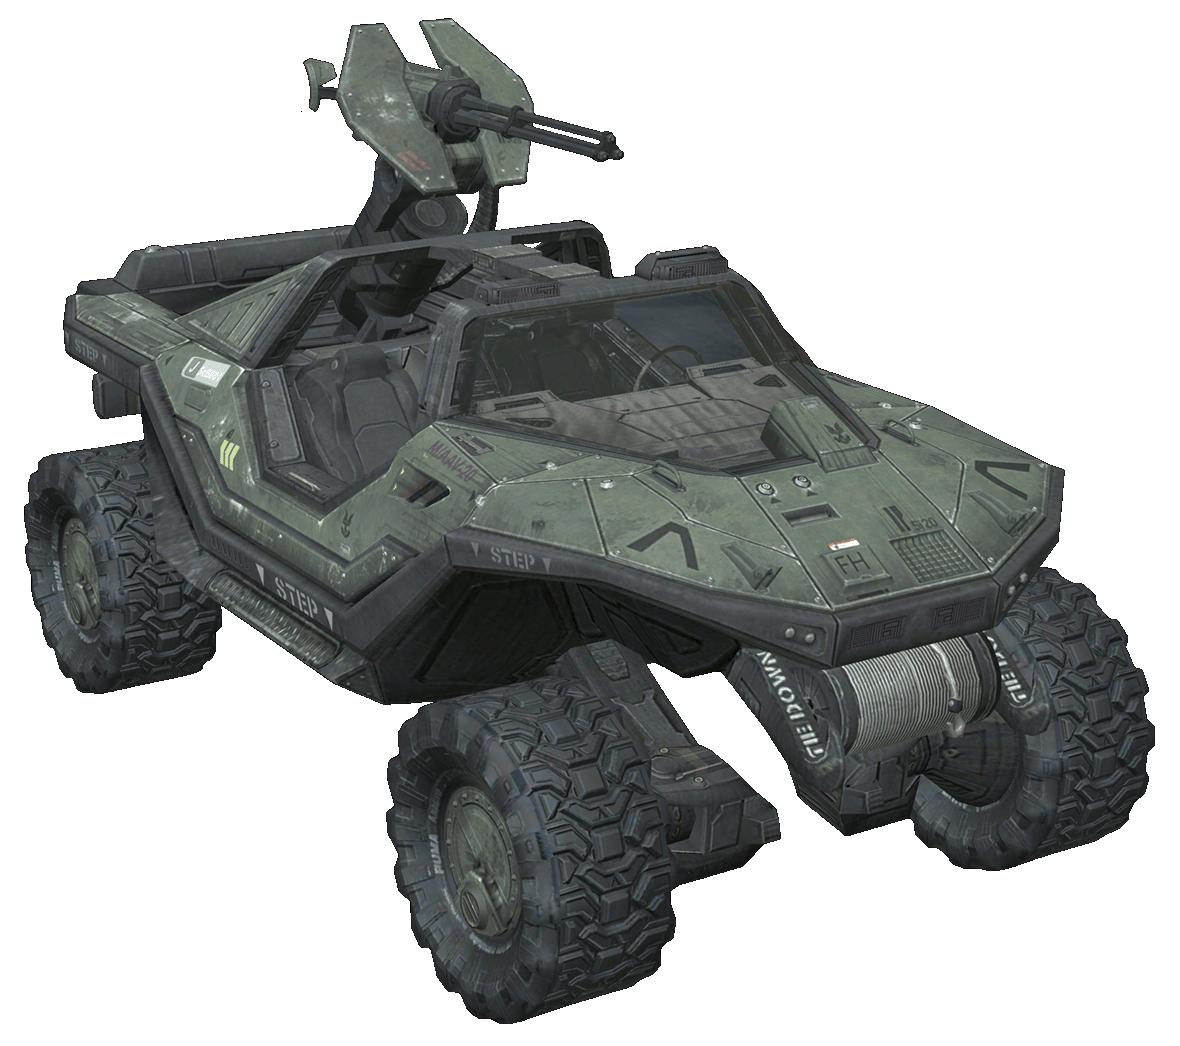 Halo Reach Warthog.png - Warthog PNG HD